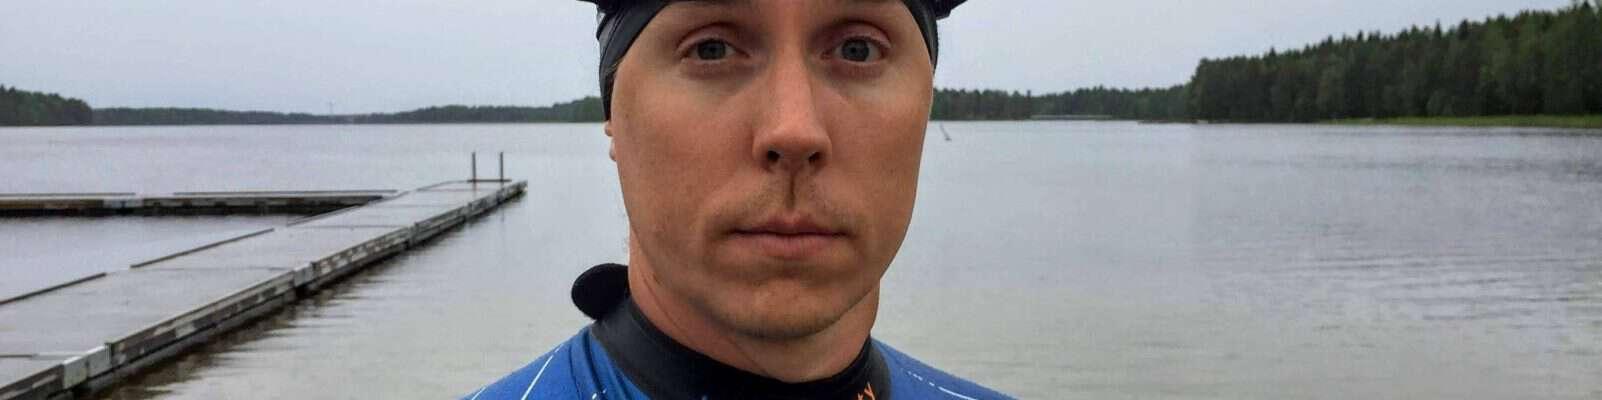 Inför Umeälvssimmet 2018 – Adrian Bengtson